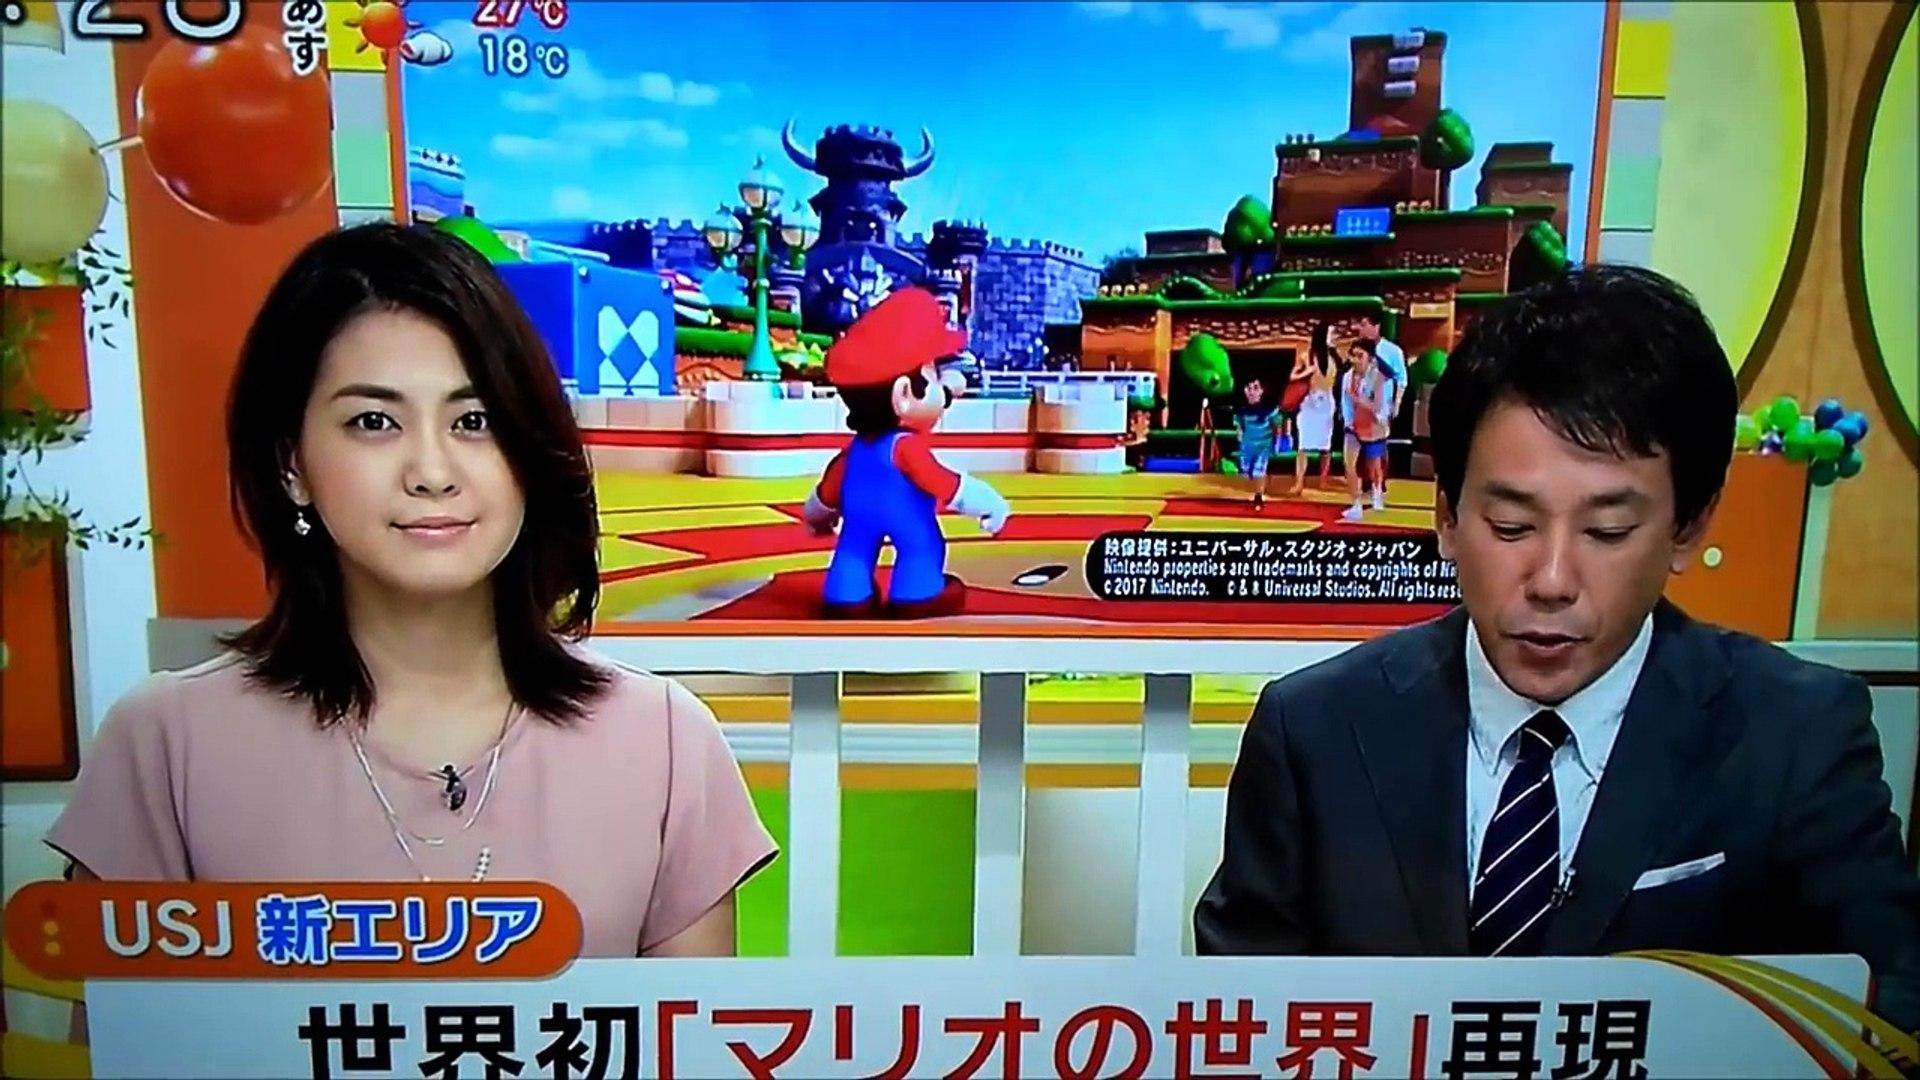 ジャパン マリオ スタジオ ユニバーサル